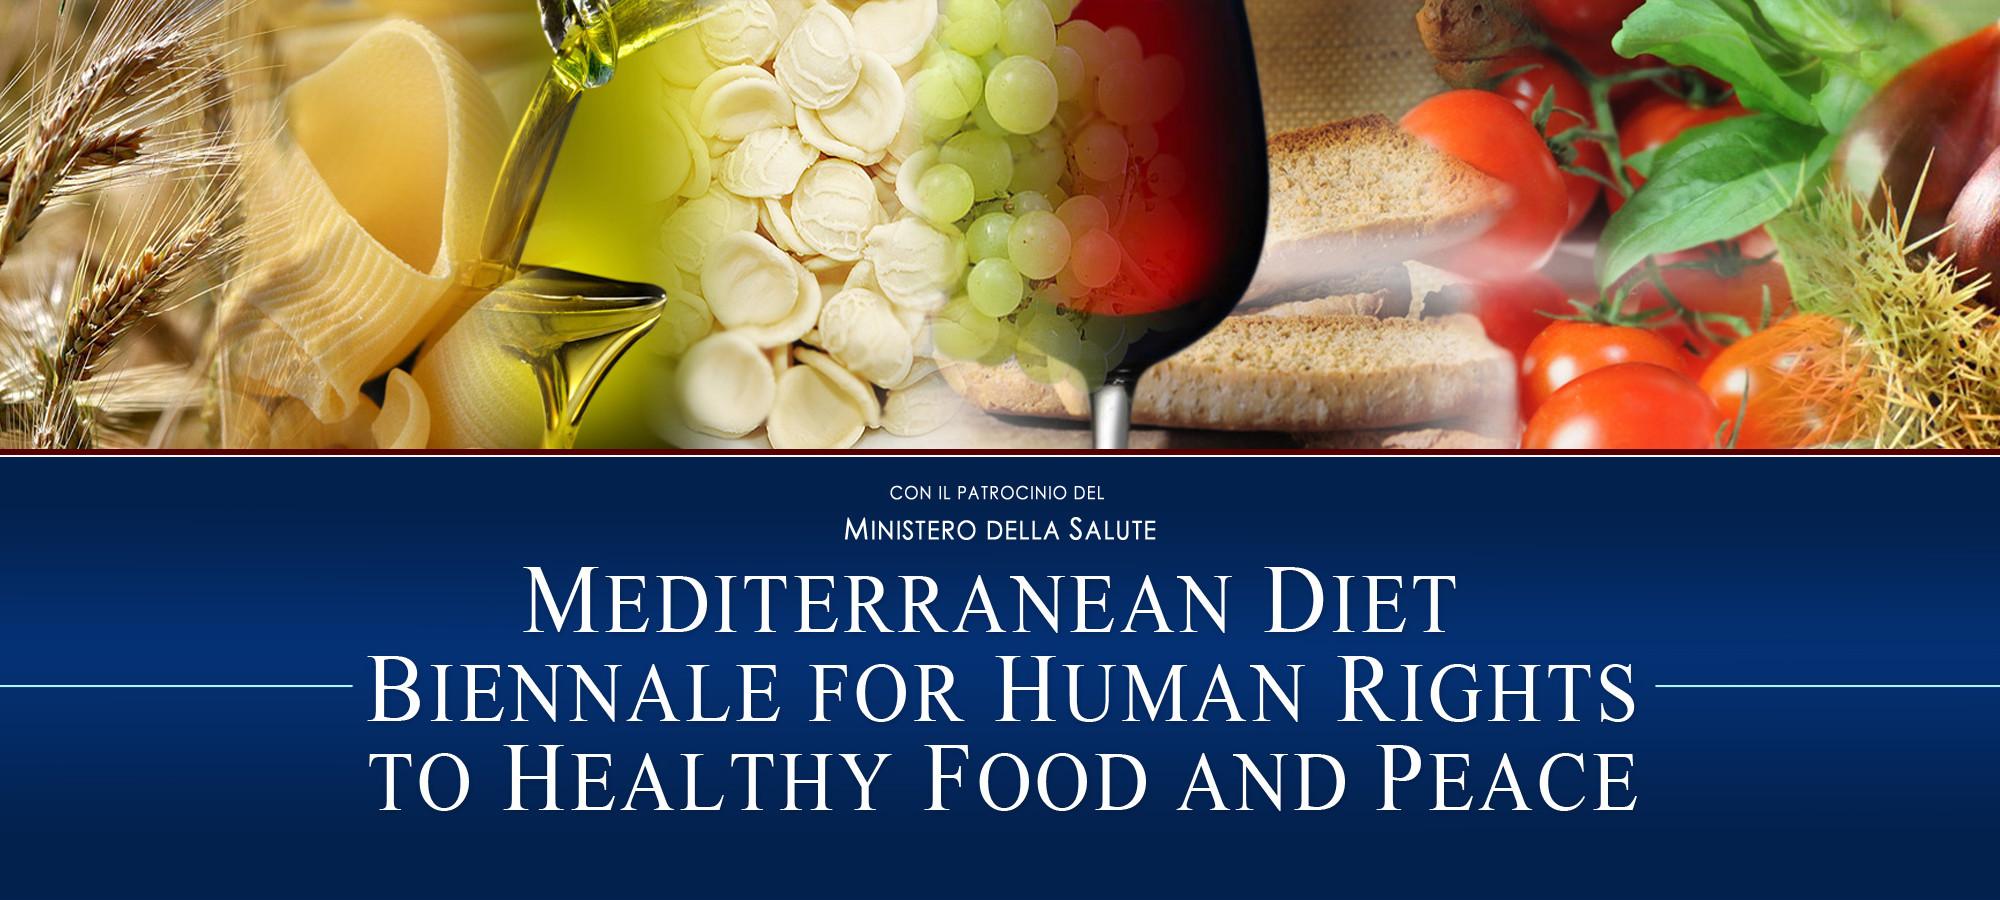 Biennale Dieta Mediterranea per i Diritti Umani la Cibo Sano e alla Pace